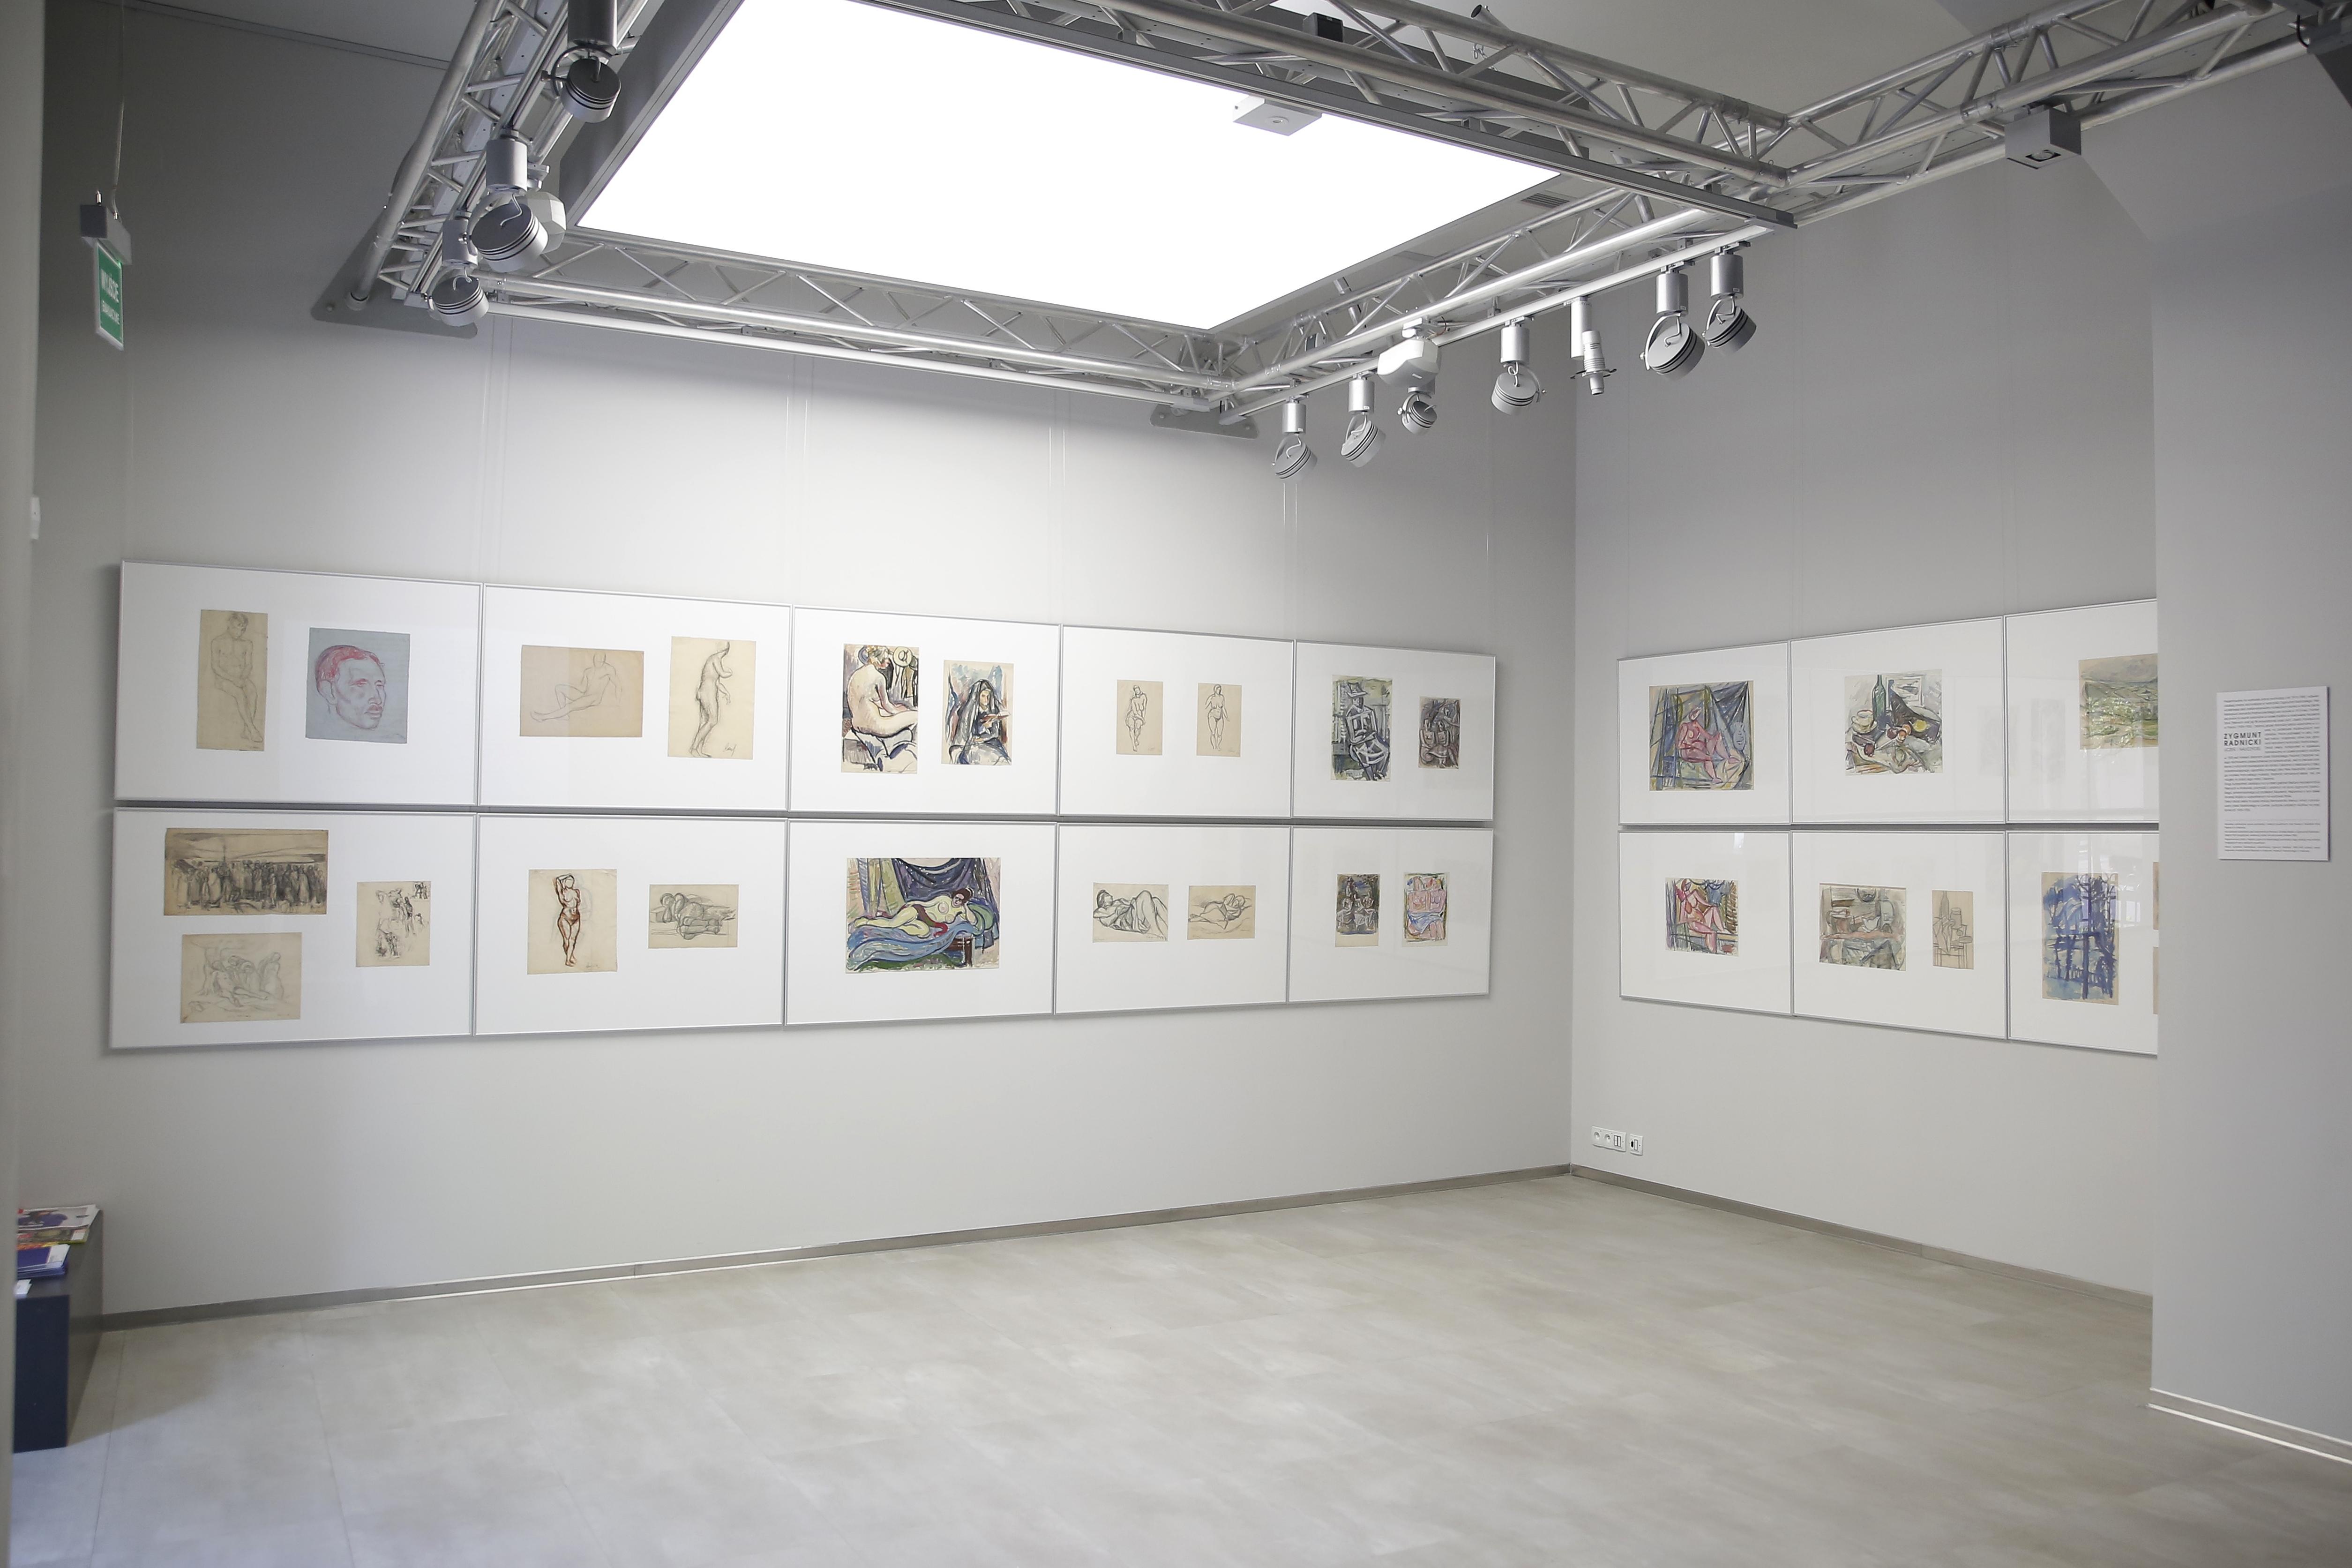 Wystawa Zygmunta Radnickiego (1894 – 1969), Galeria Akademii Sztuk Pięknych wKrakowie